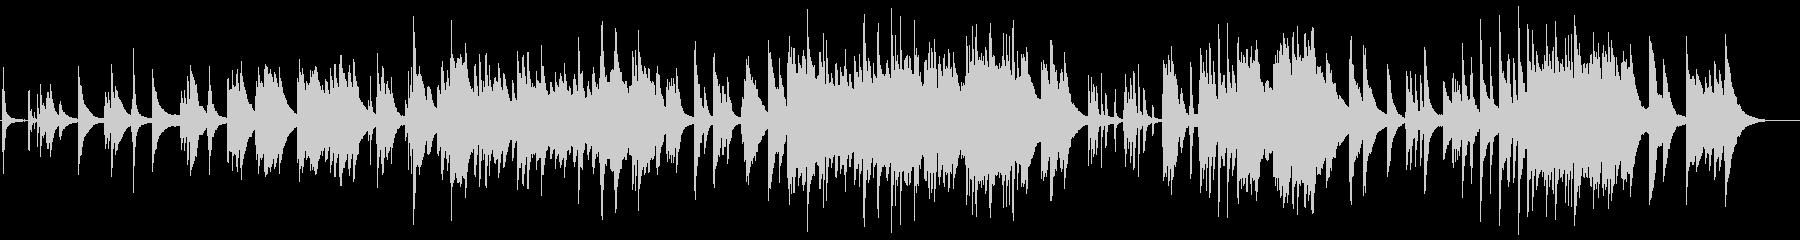 ゆったりとしたピアノソロのバラードの未再生の波形